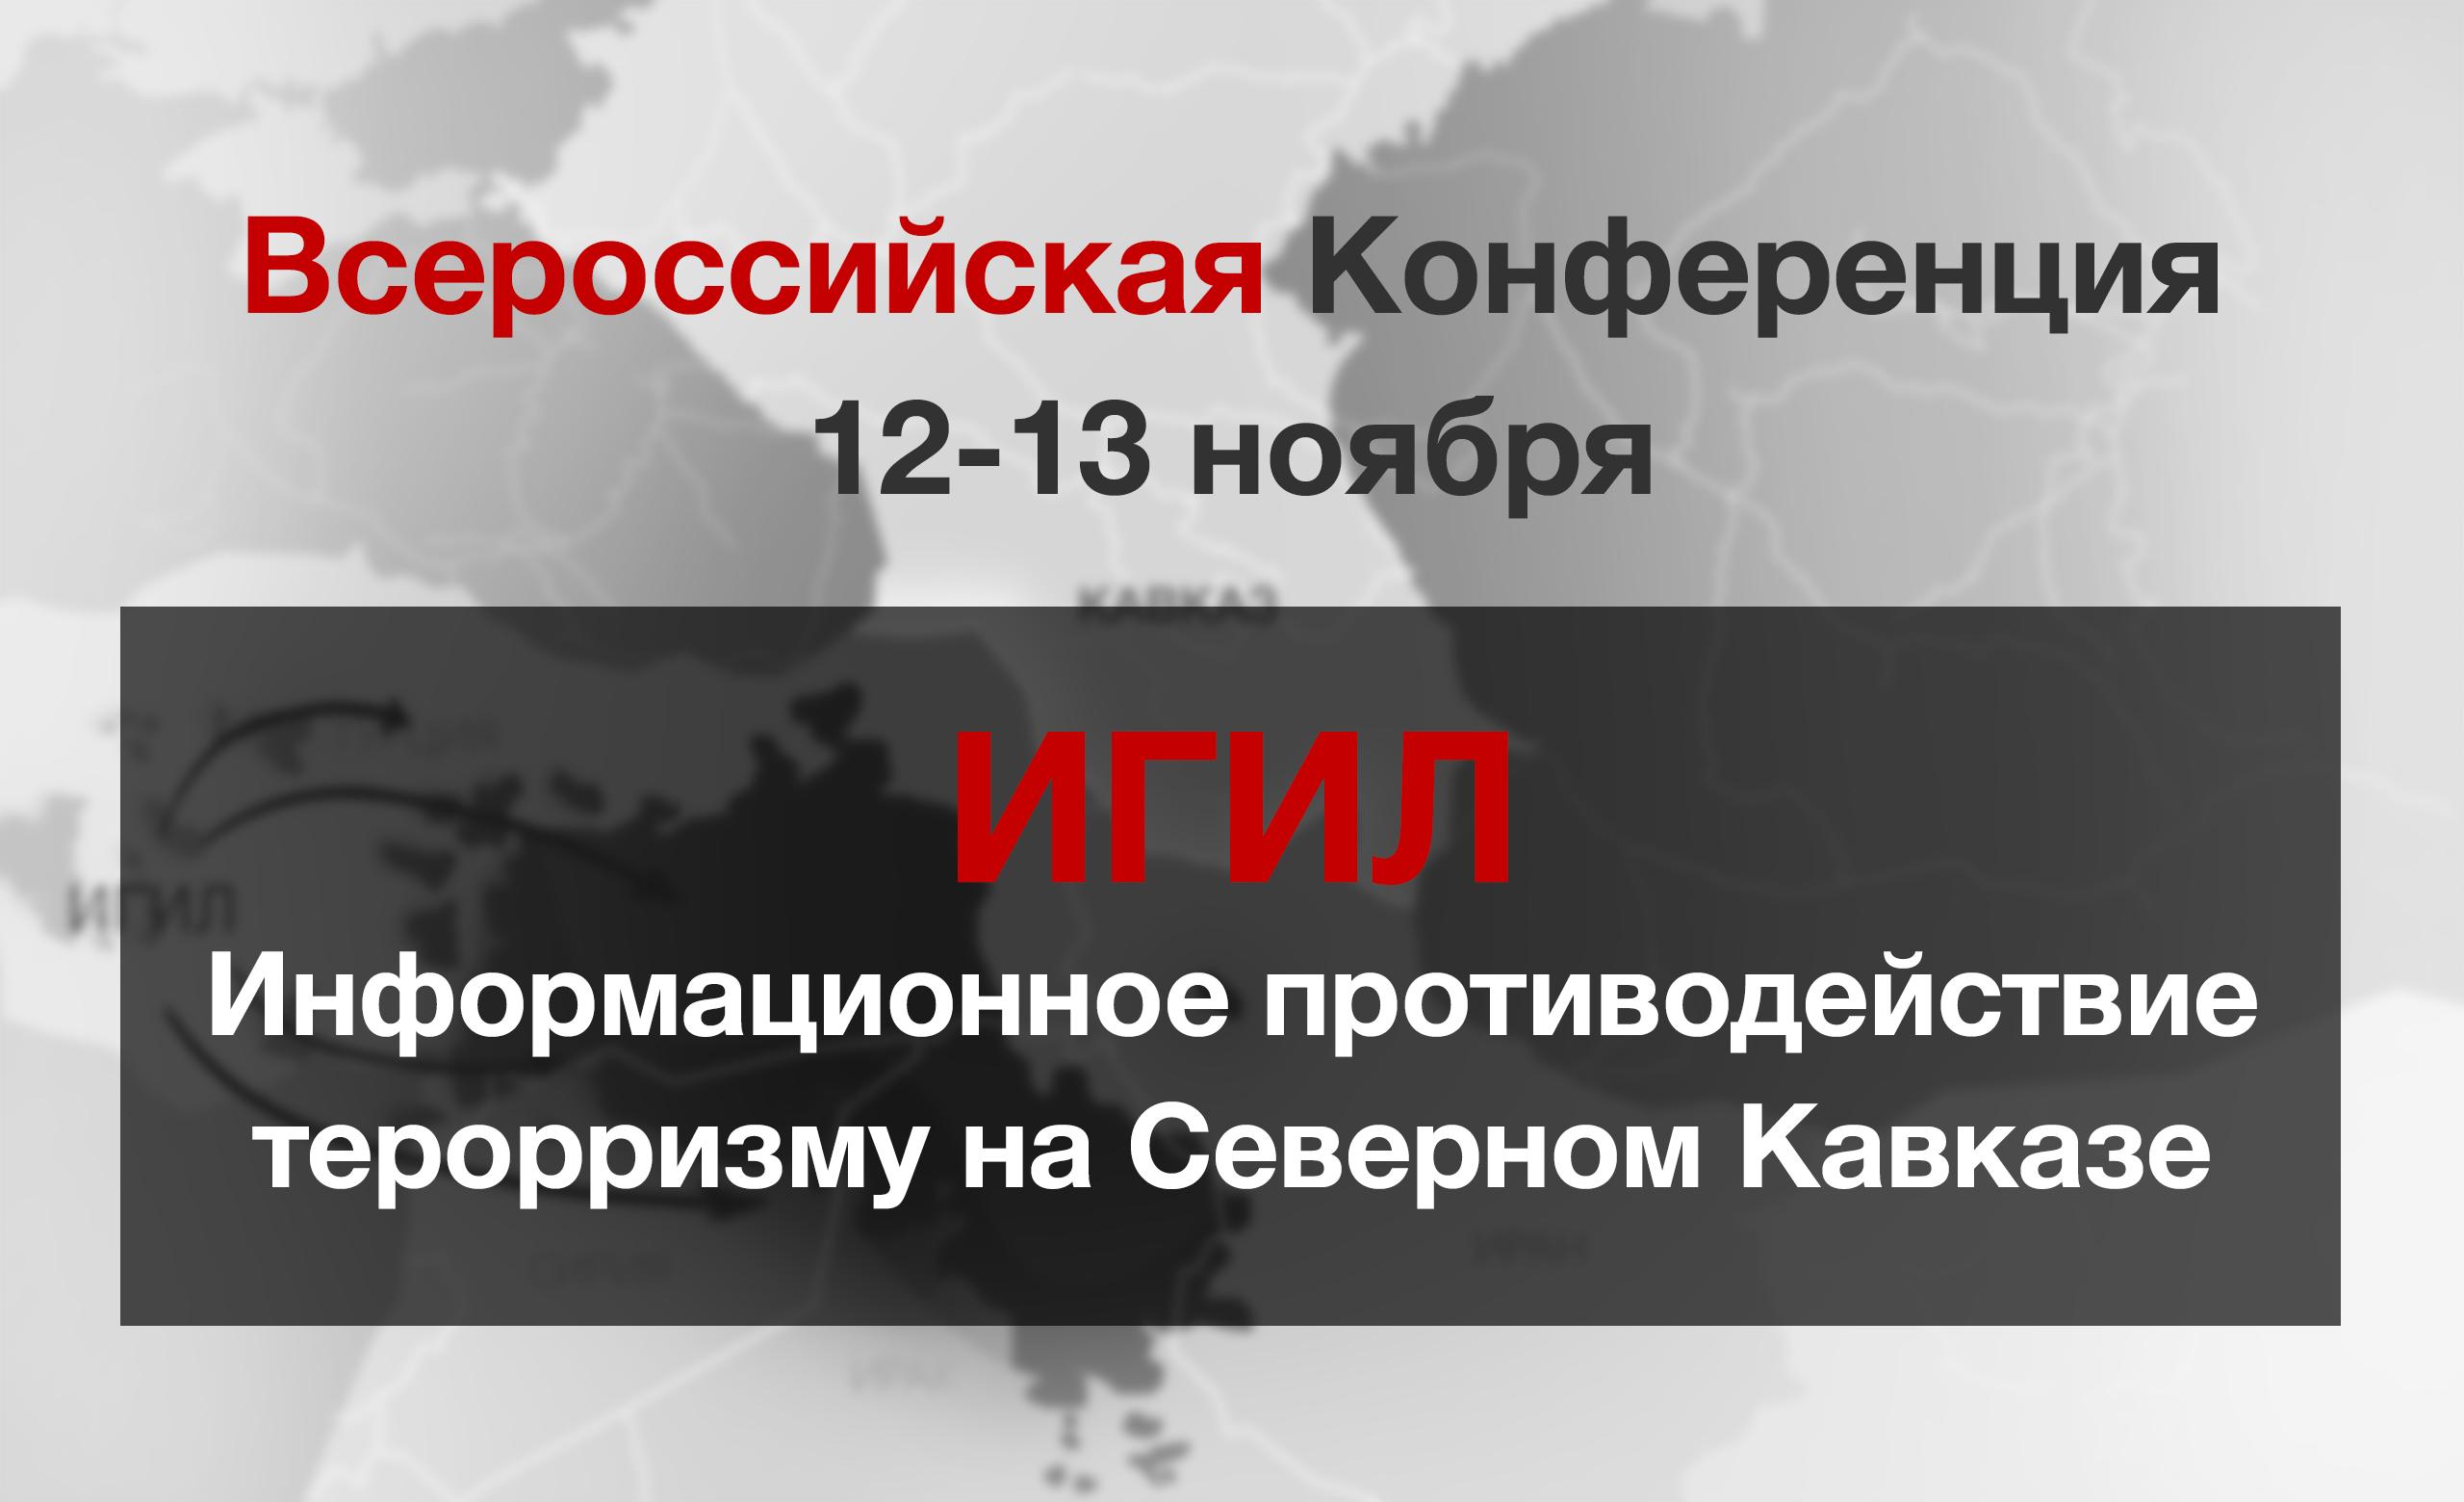 Всероссийская конференция об информационном и психологическом противодействии ИГИЛ пройдет в Махачкале